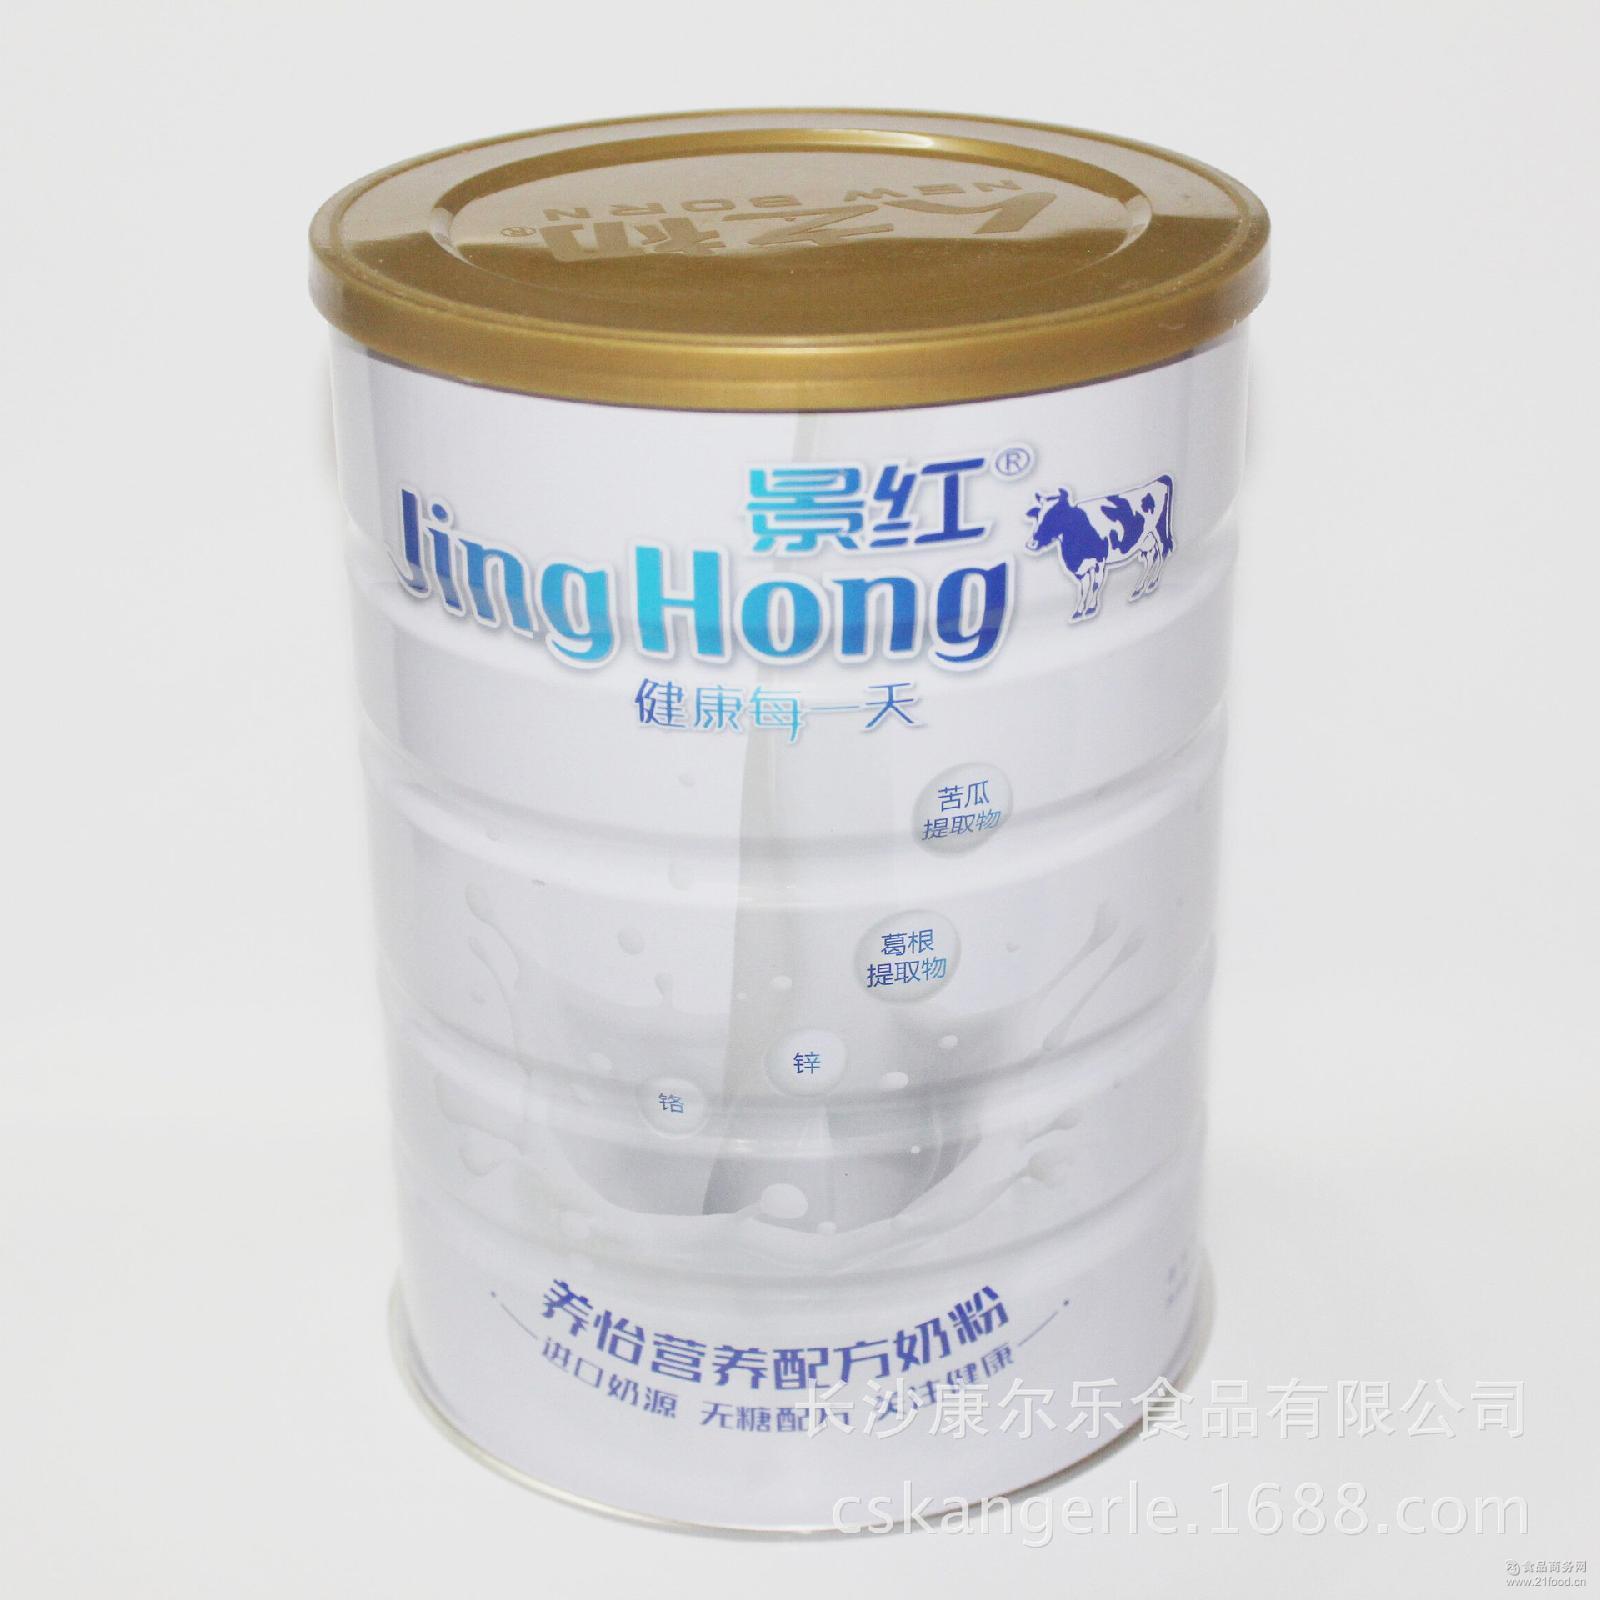 无糖半脱脂成人奶粉 景红养怡营养配方奶粉 糖尿病人专用奶粉